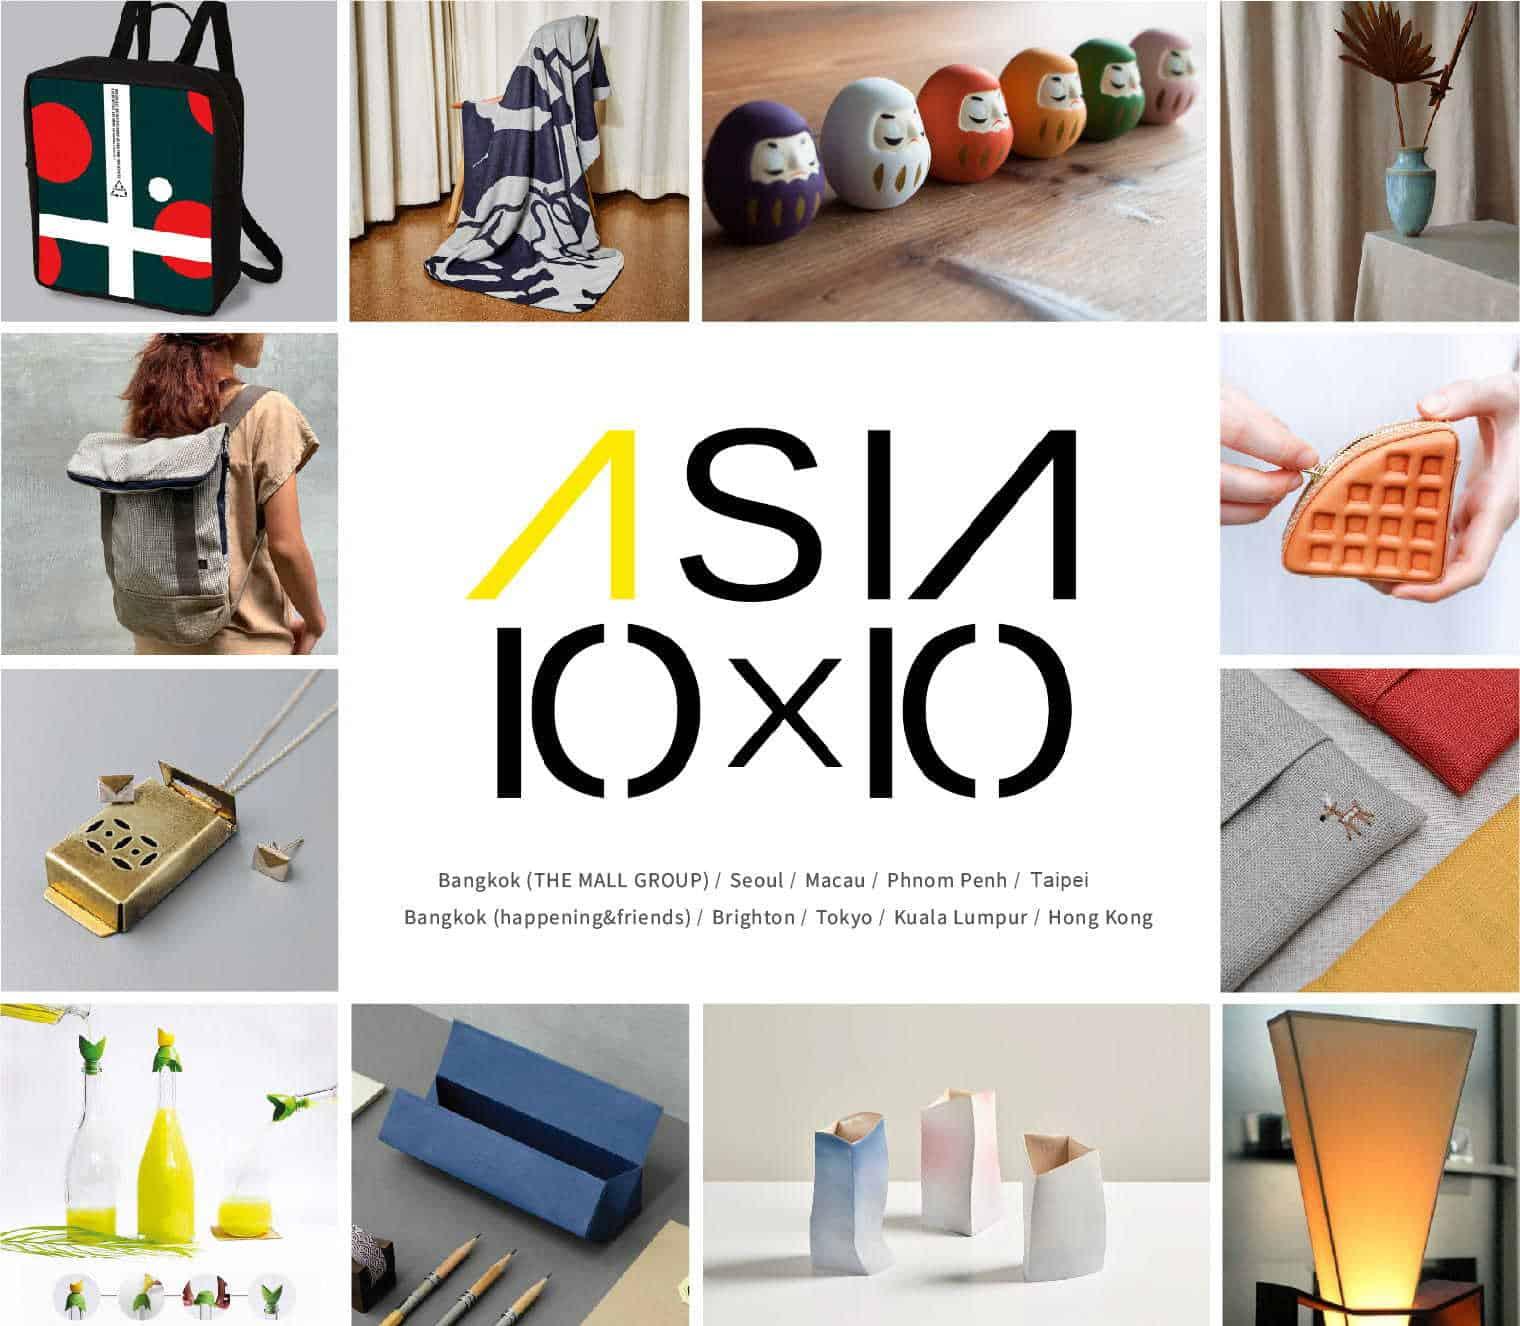 06-亞洲特色10x10主題區品牌概覽